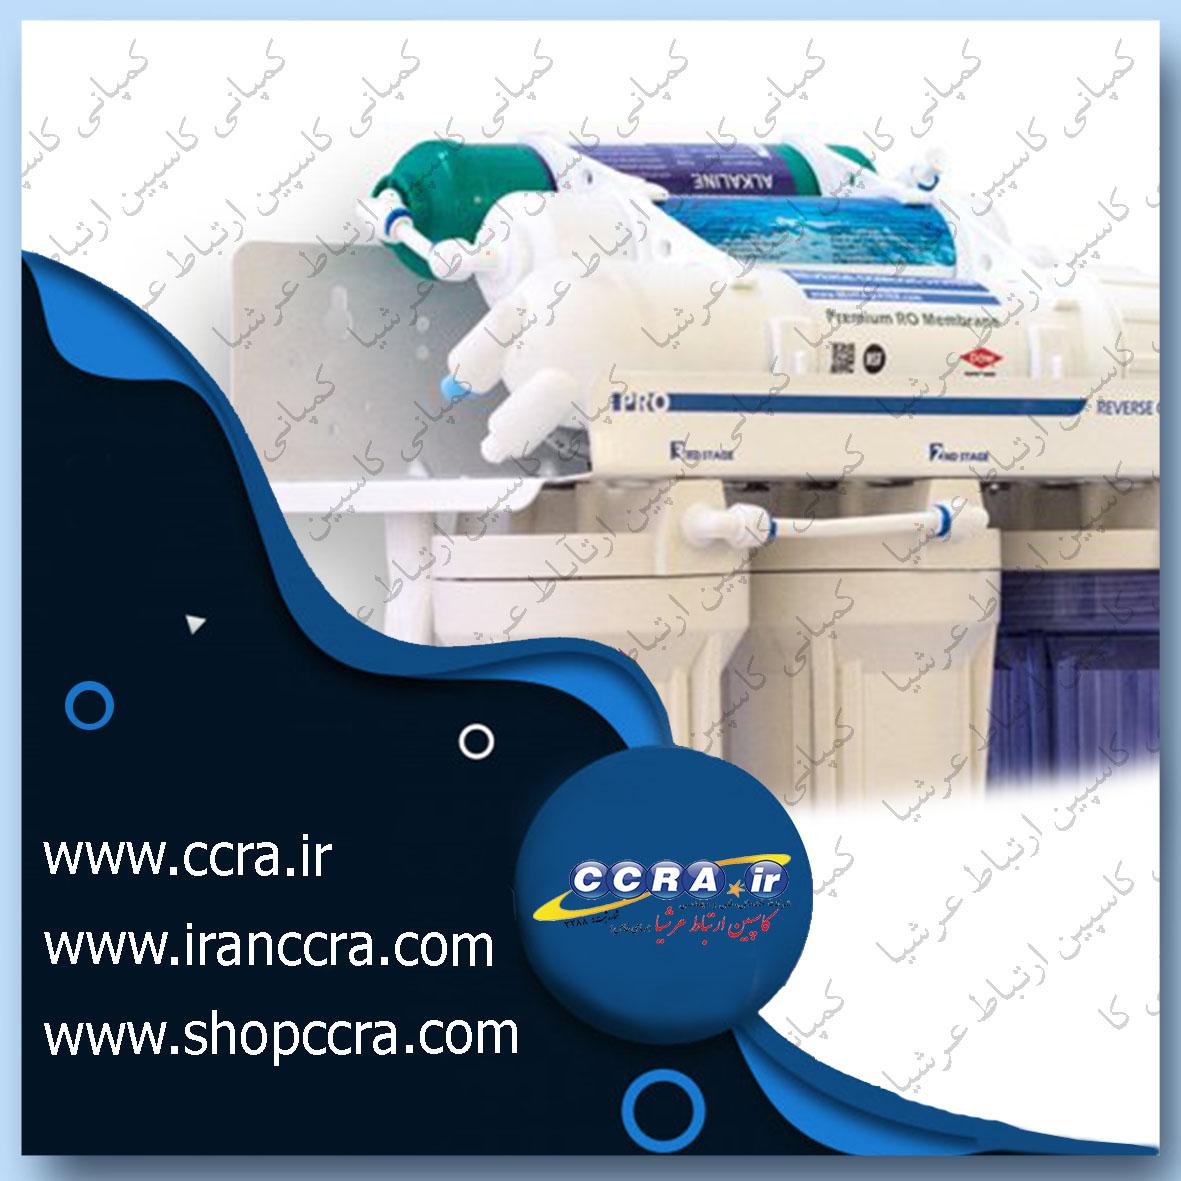 خصوصیات دستگاه های تصفیه آب خانگی آکوا لایف